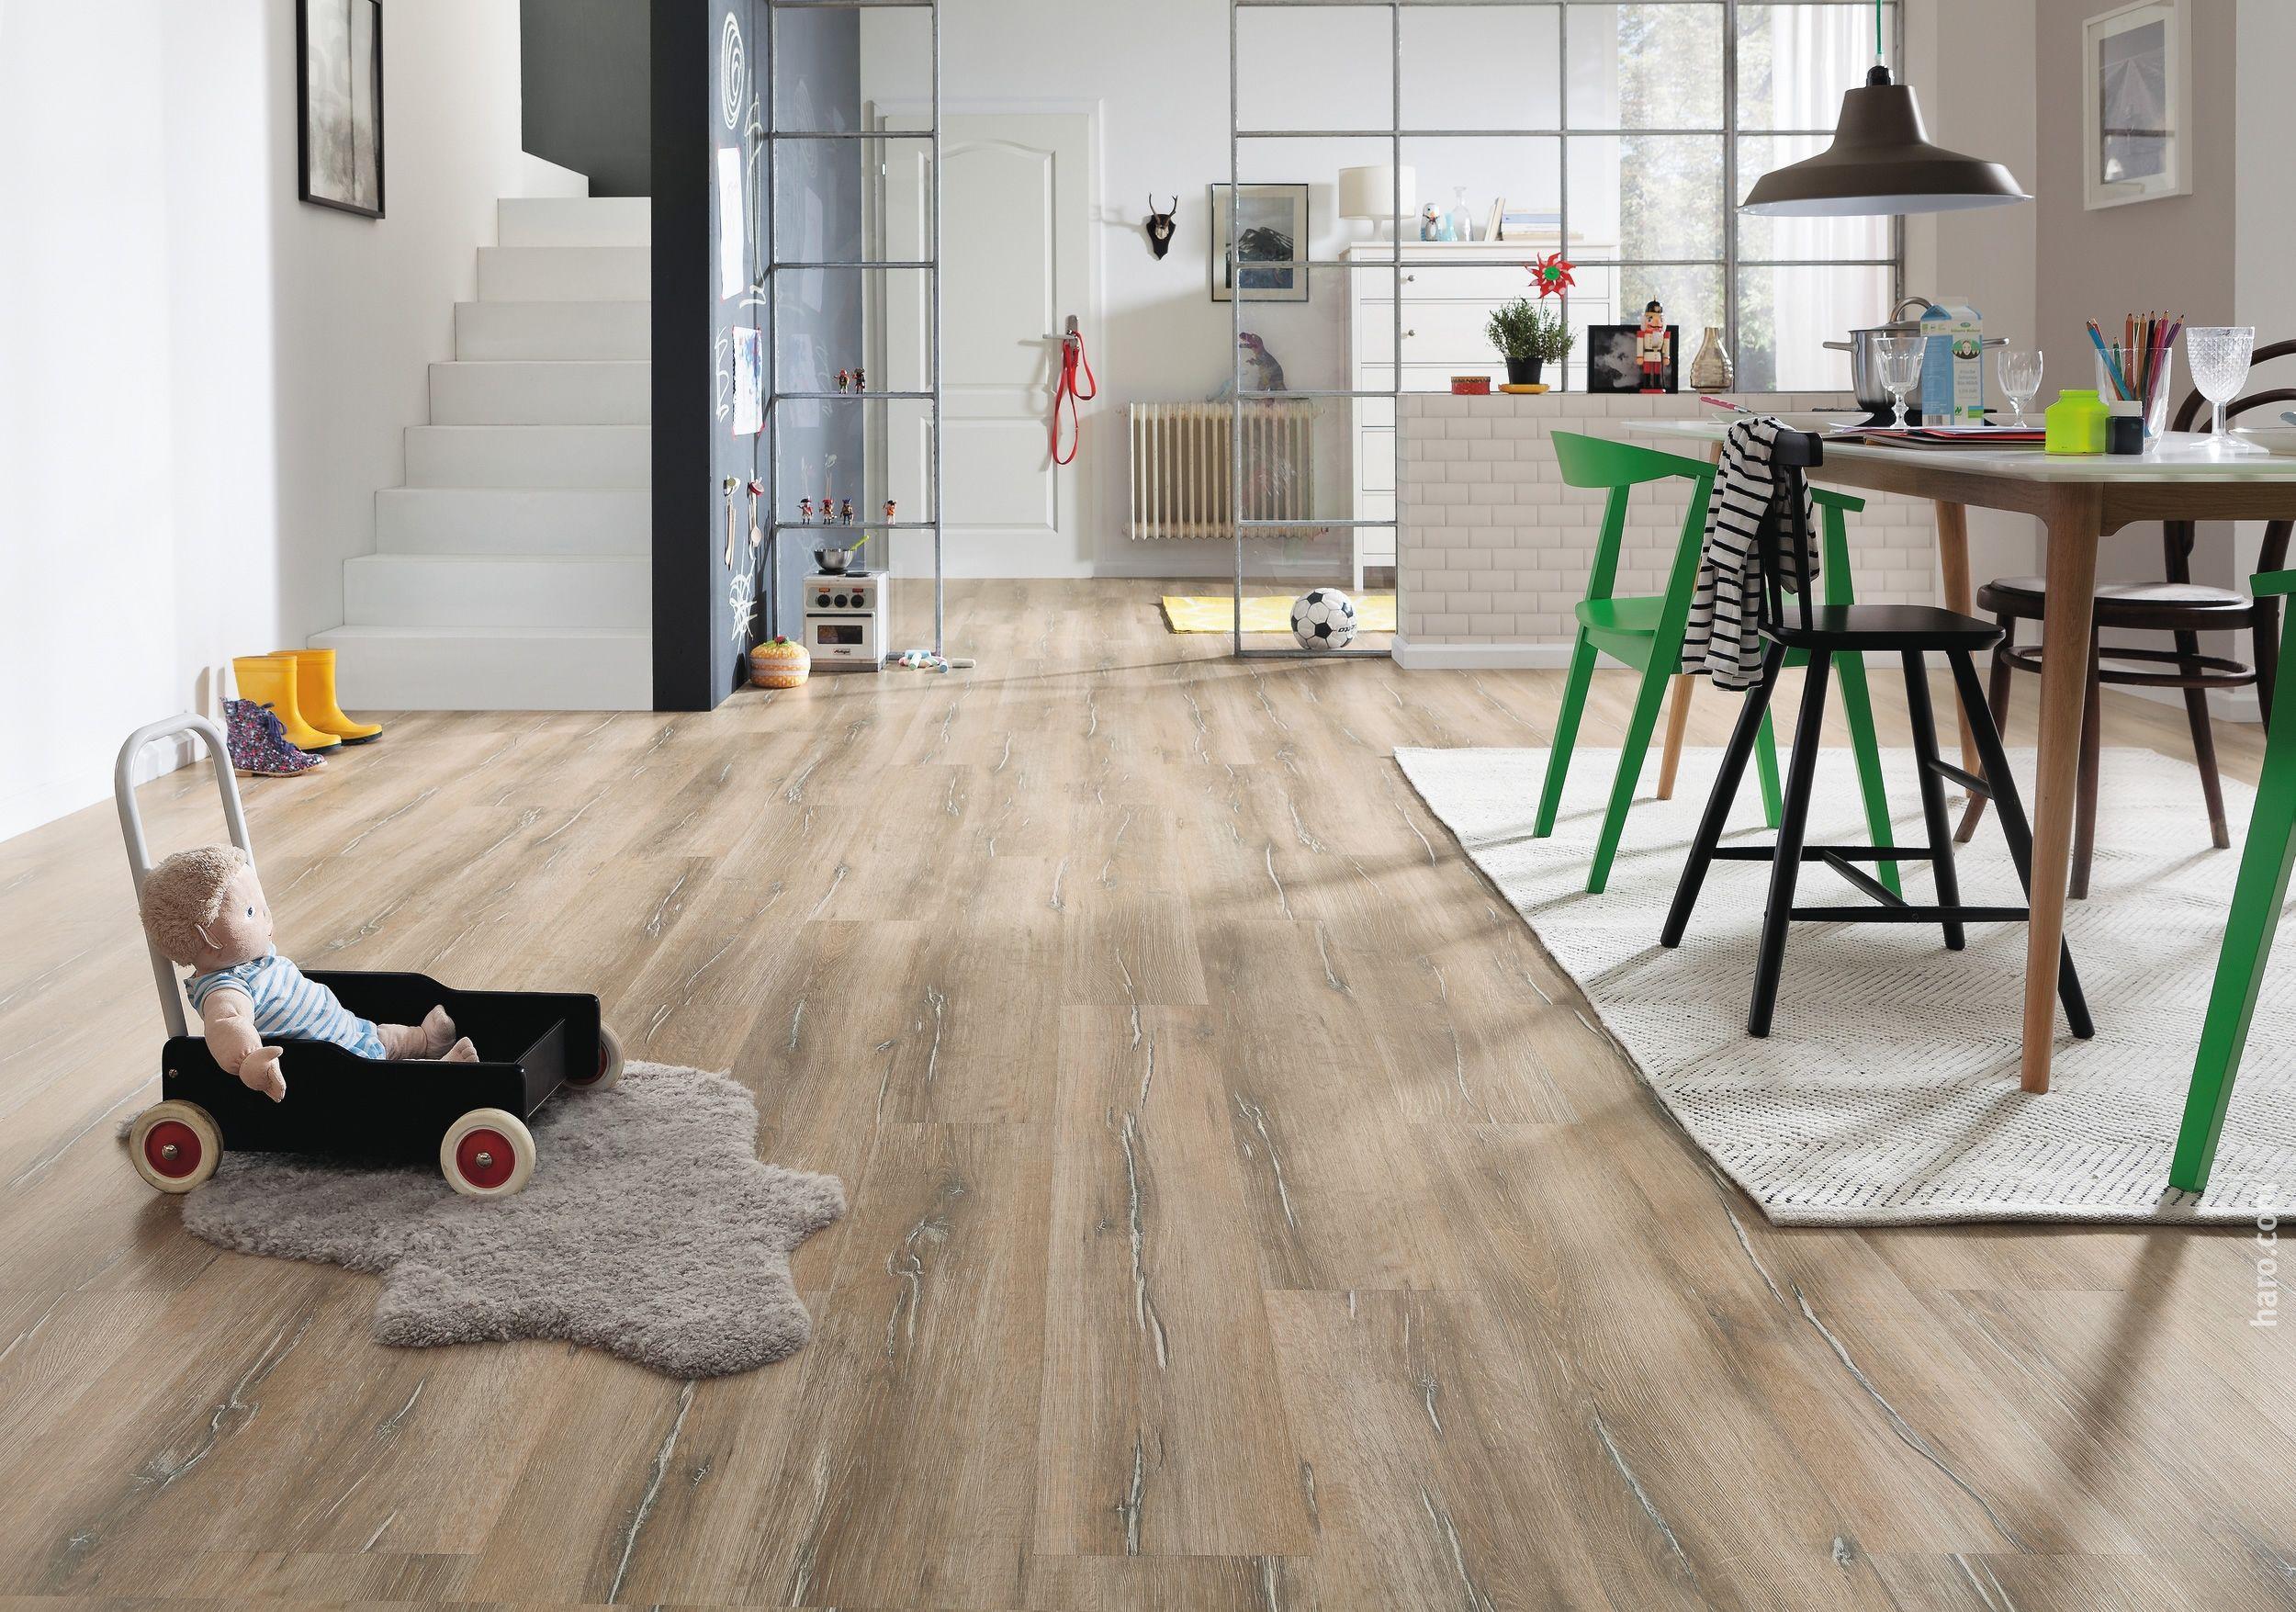 Fußboden Schlafzimmer Xl ~ Haro korkboden corkett arteo xl eiche duna strukturiert cork